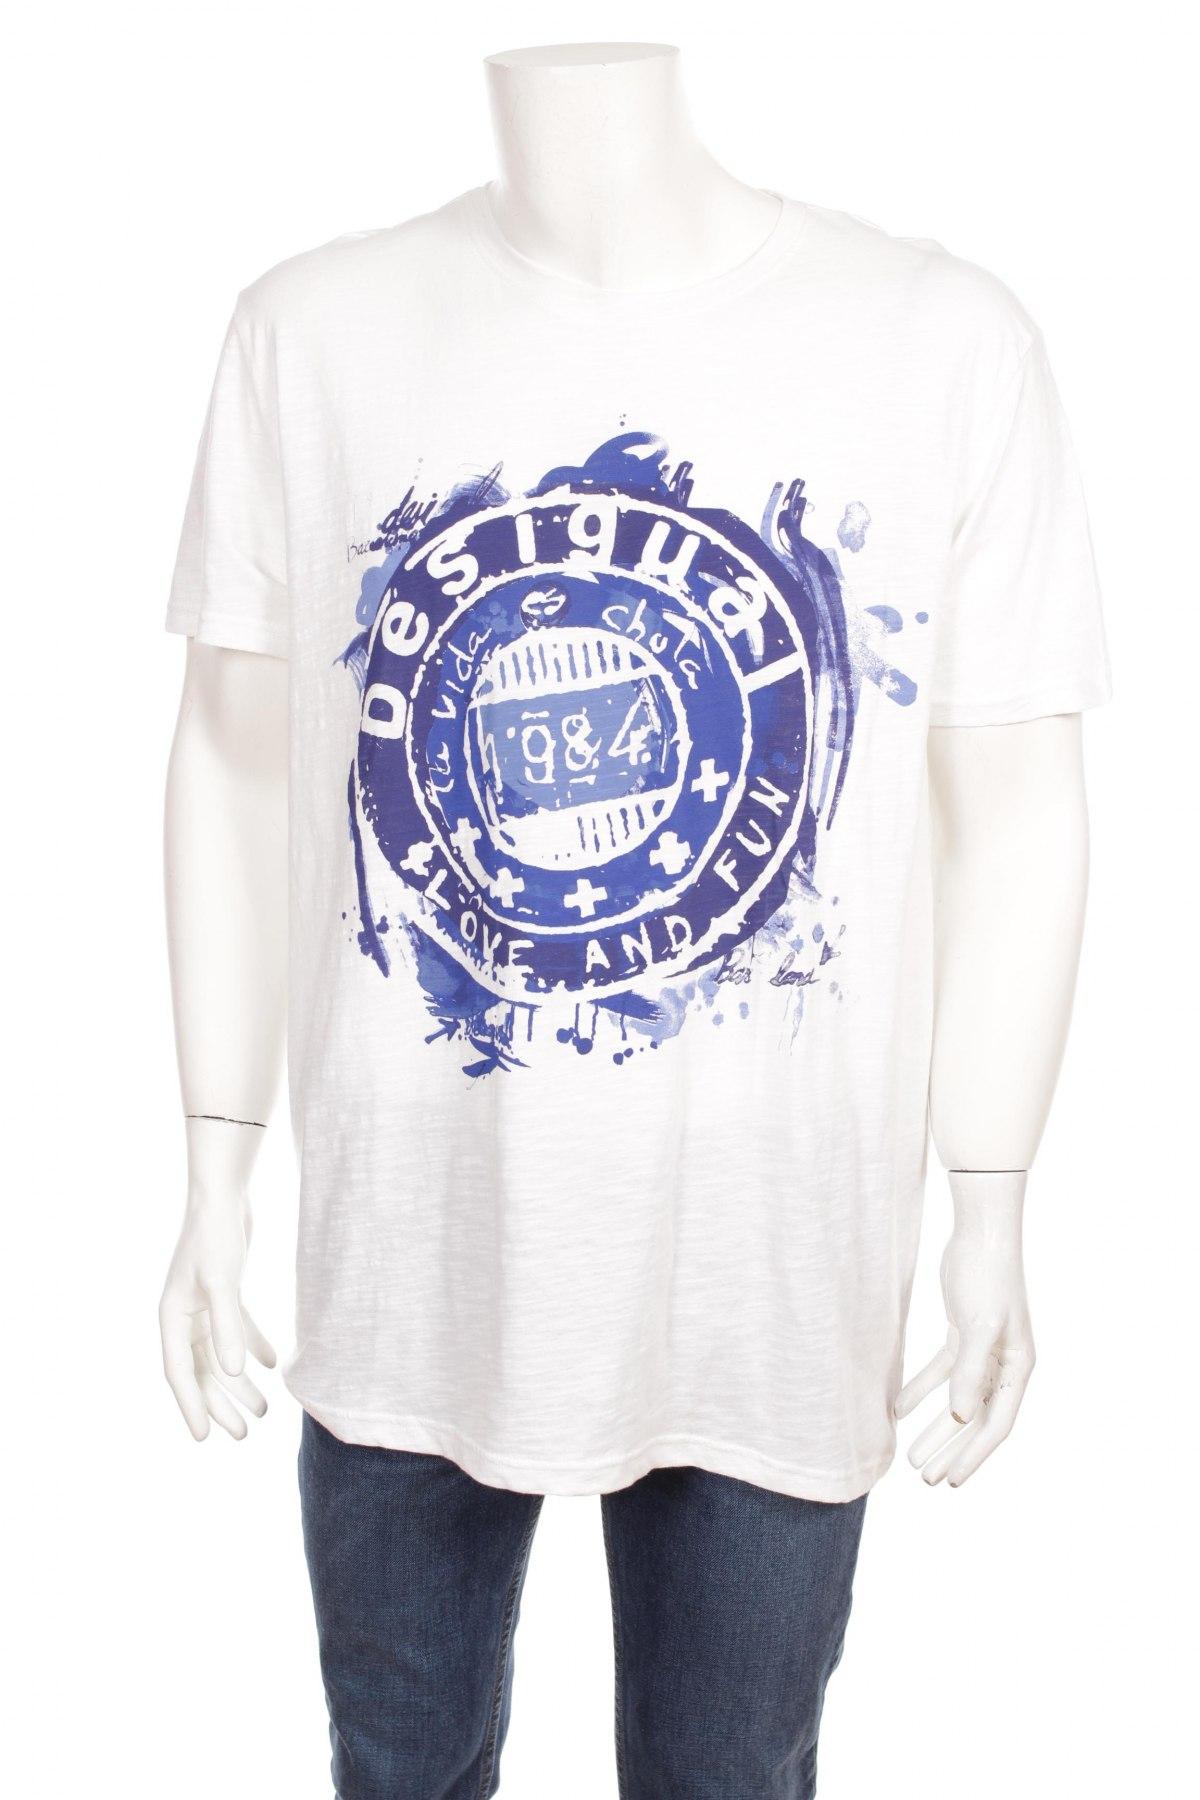 Pánske tričko Desigual - za výhodnú cenu na Remix -  100743297 bf4b157a414